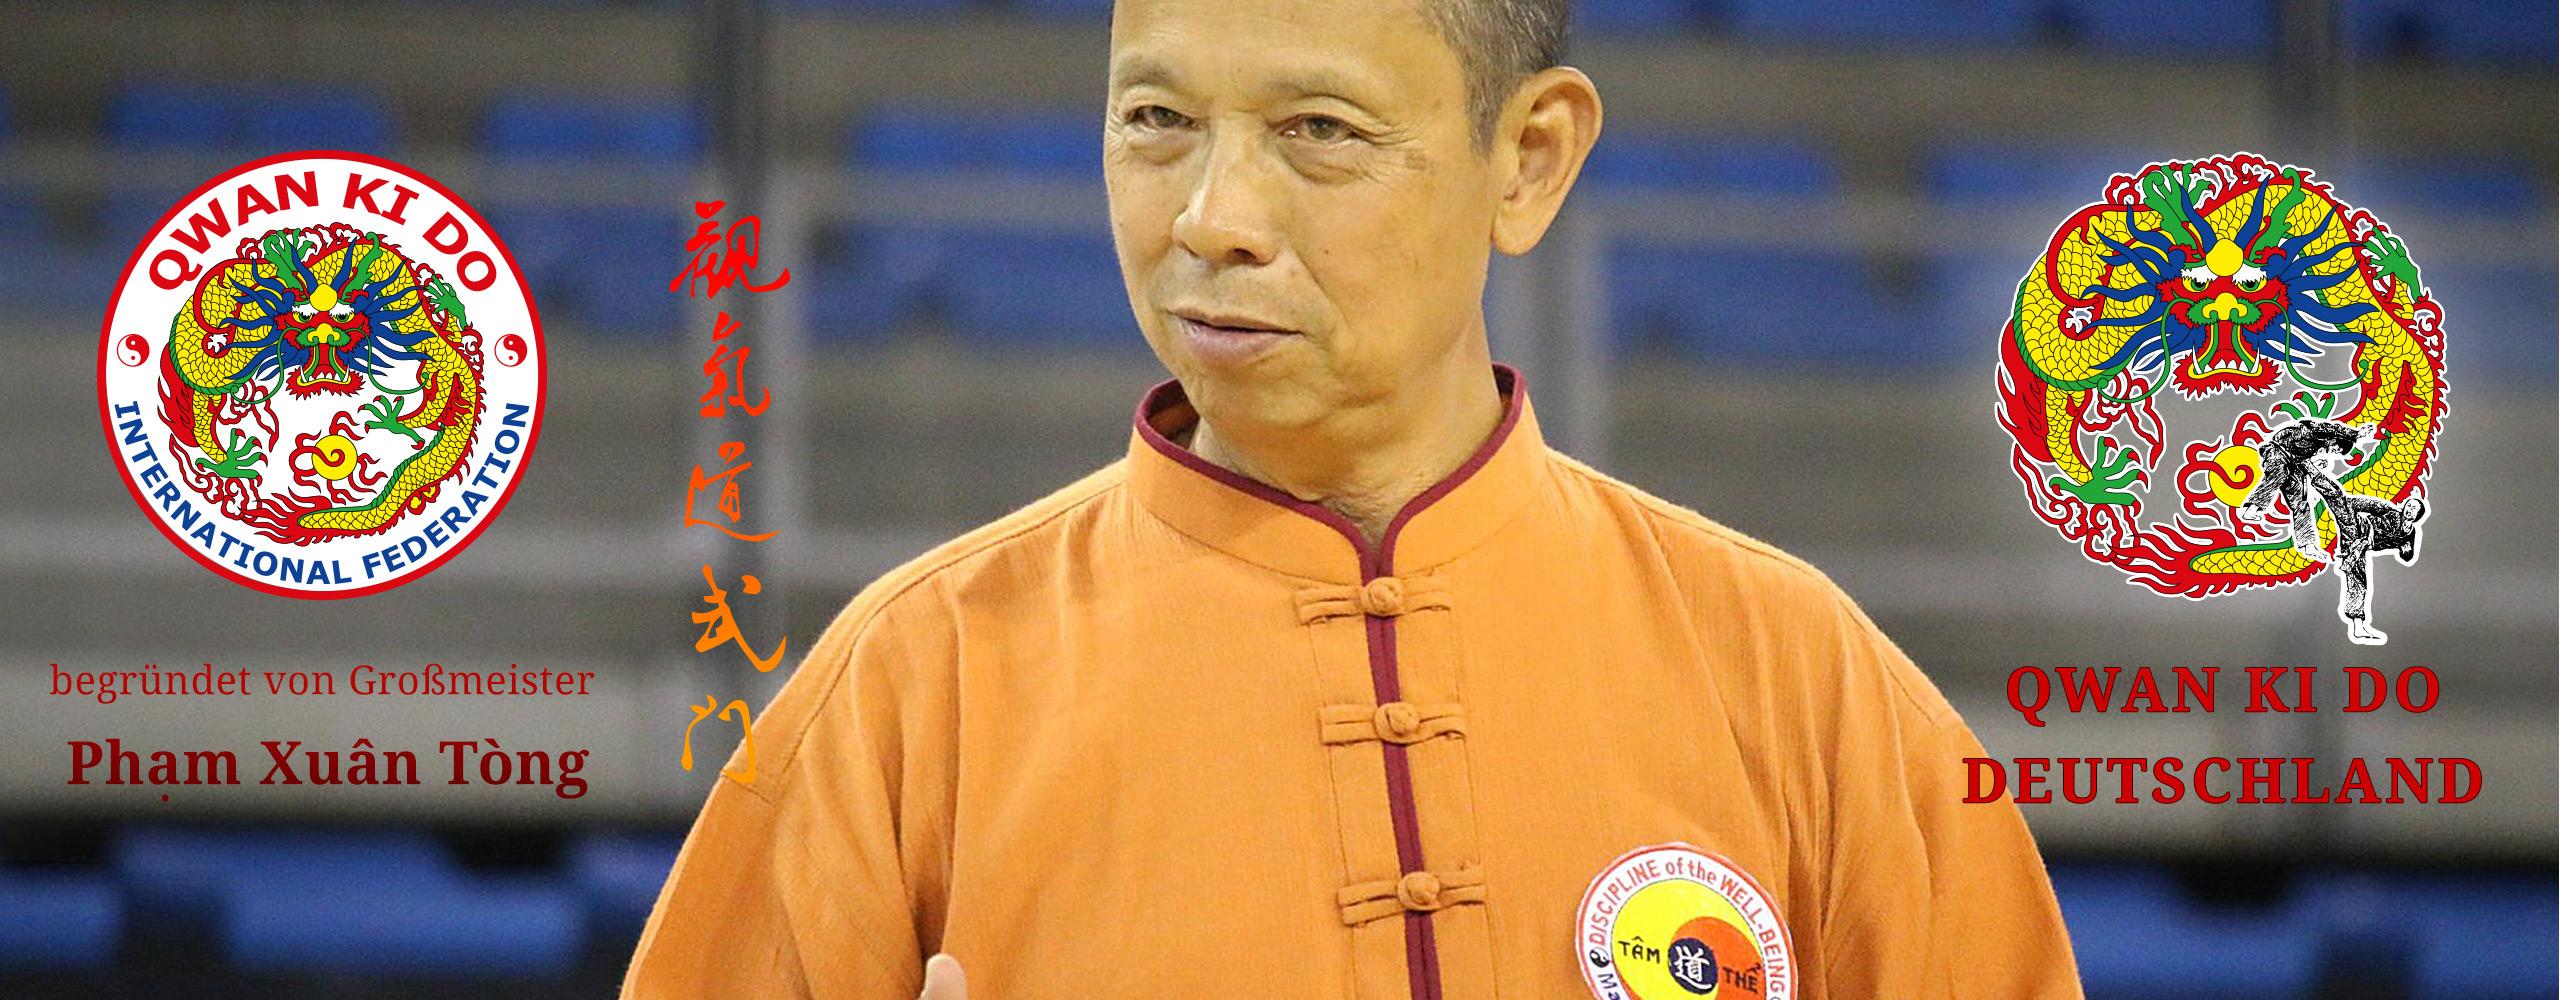 Qwan Ki Do Header